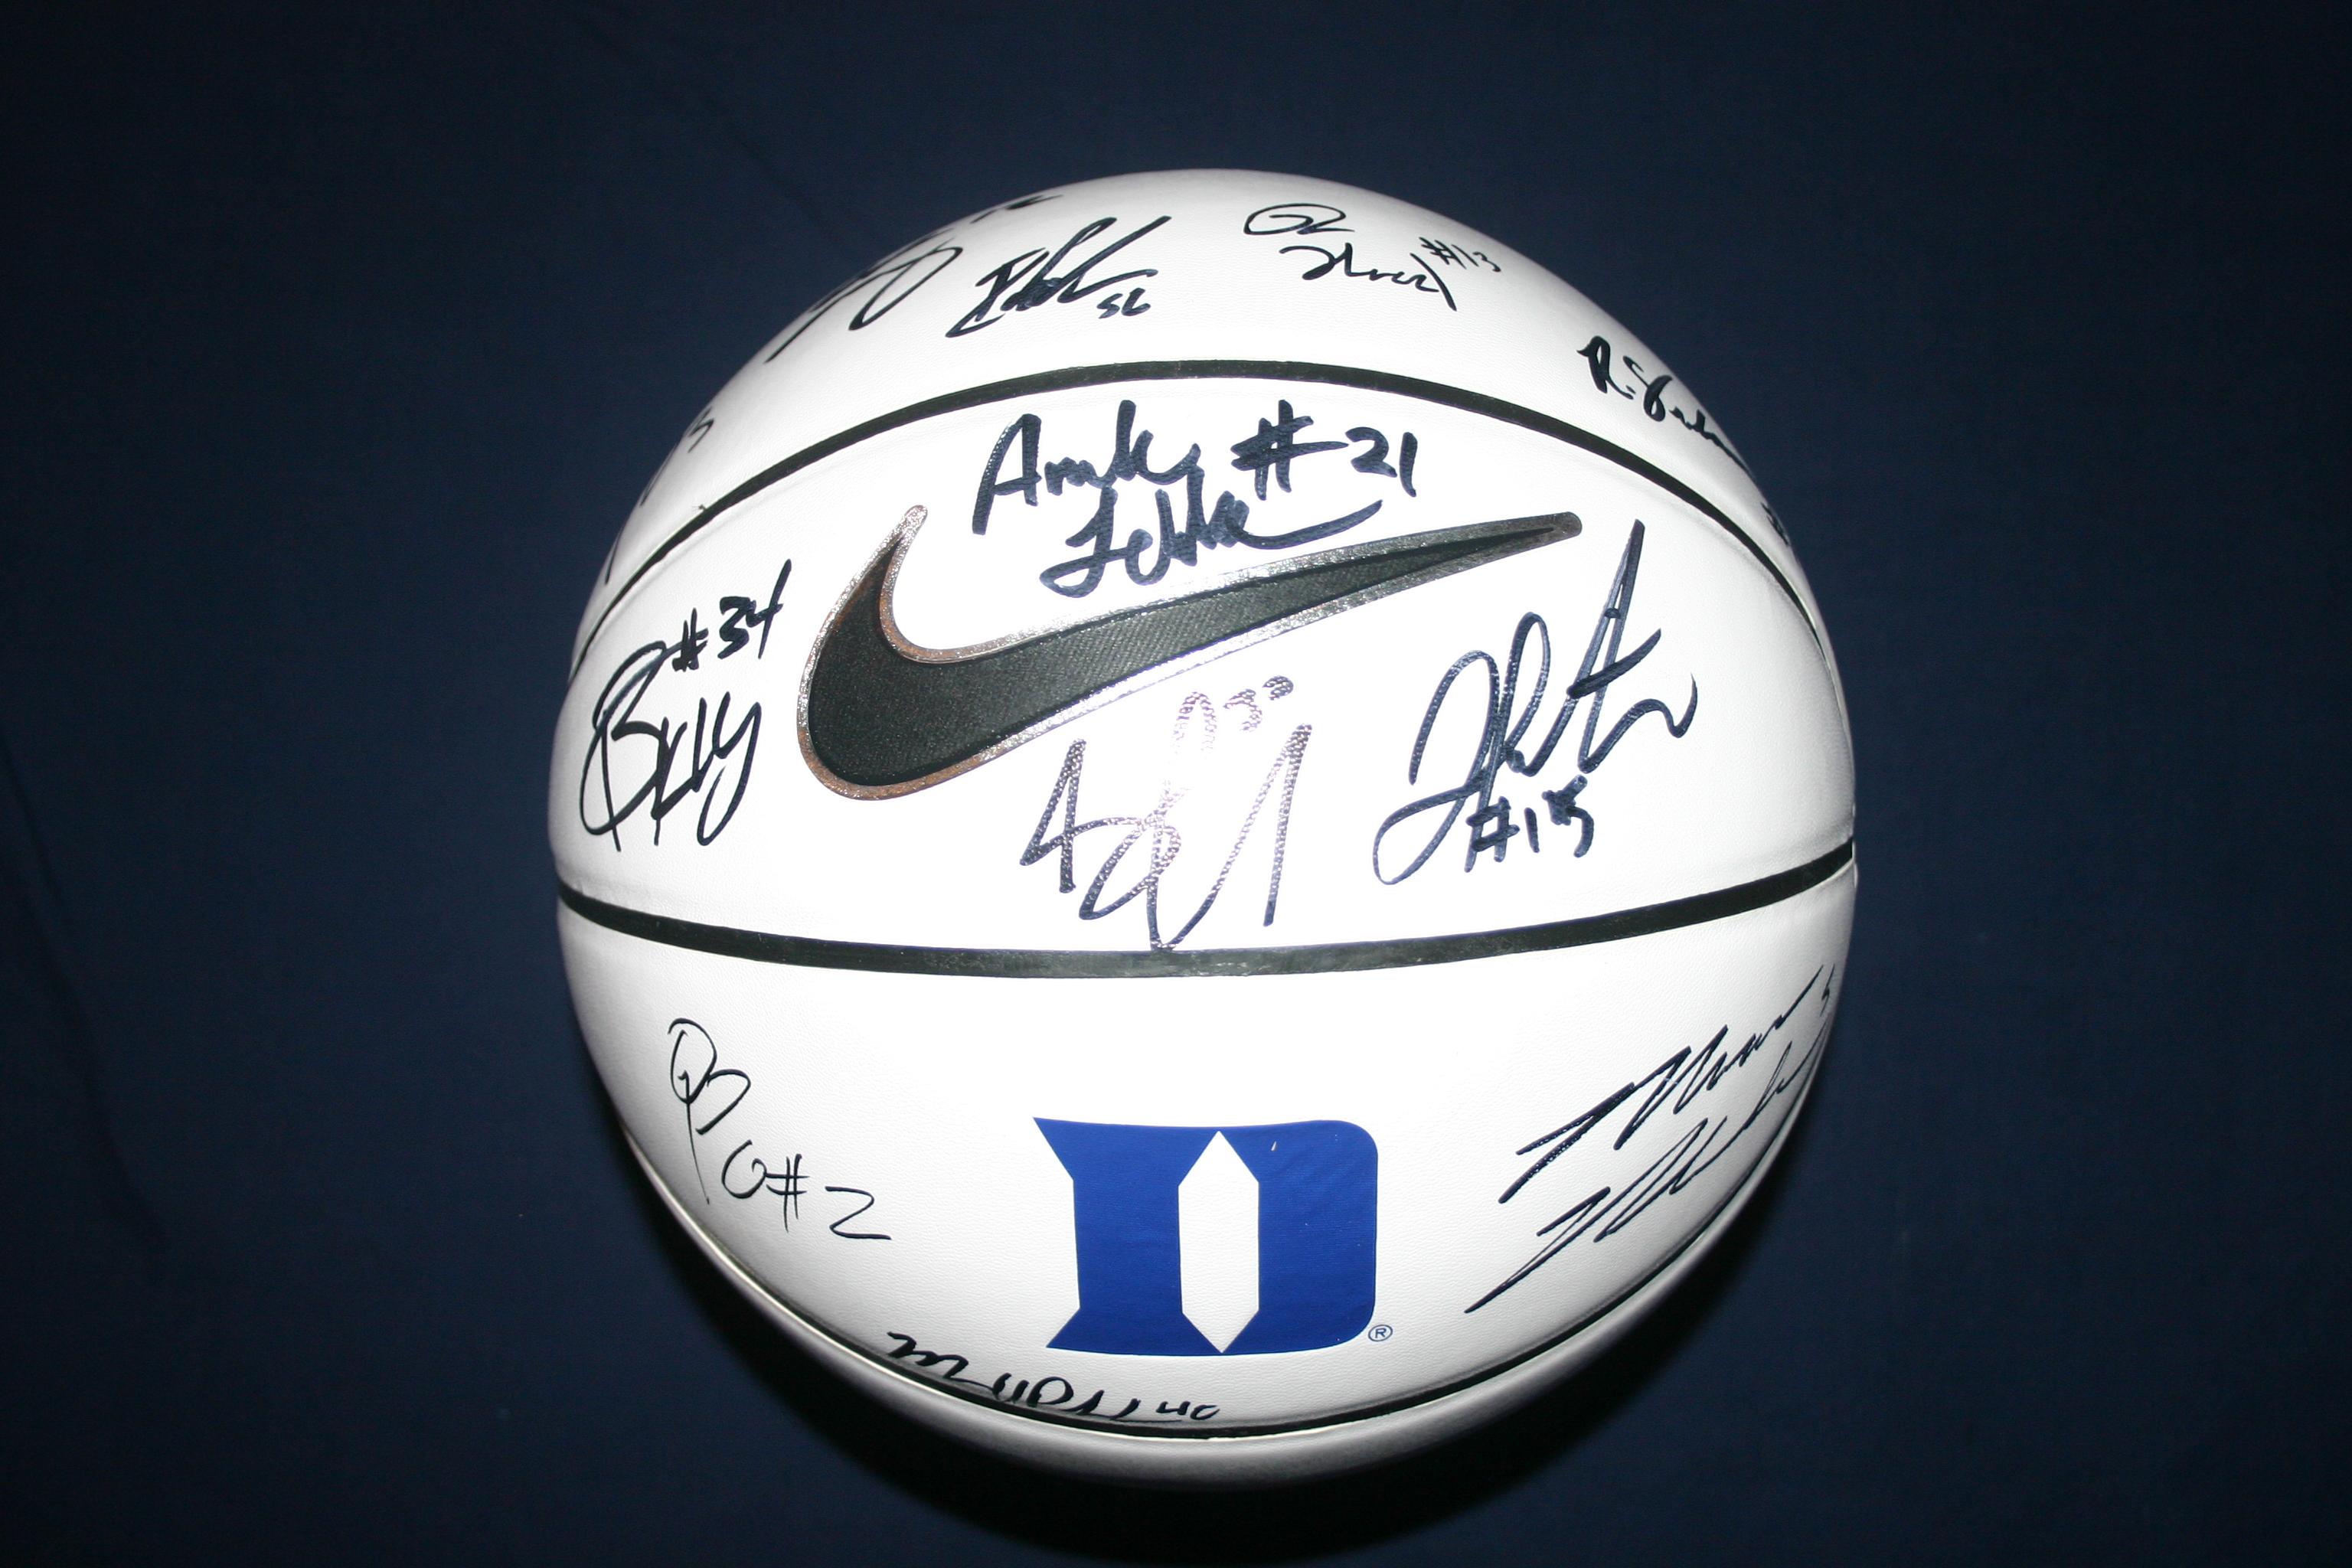 Gallery For > Duke Basketball Wallpaper 2012 2013